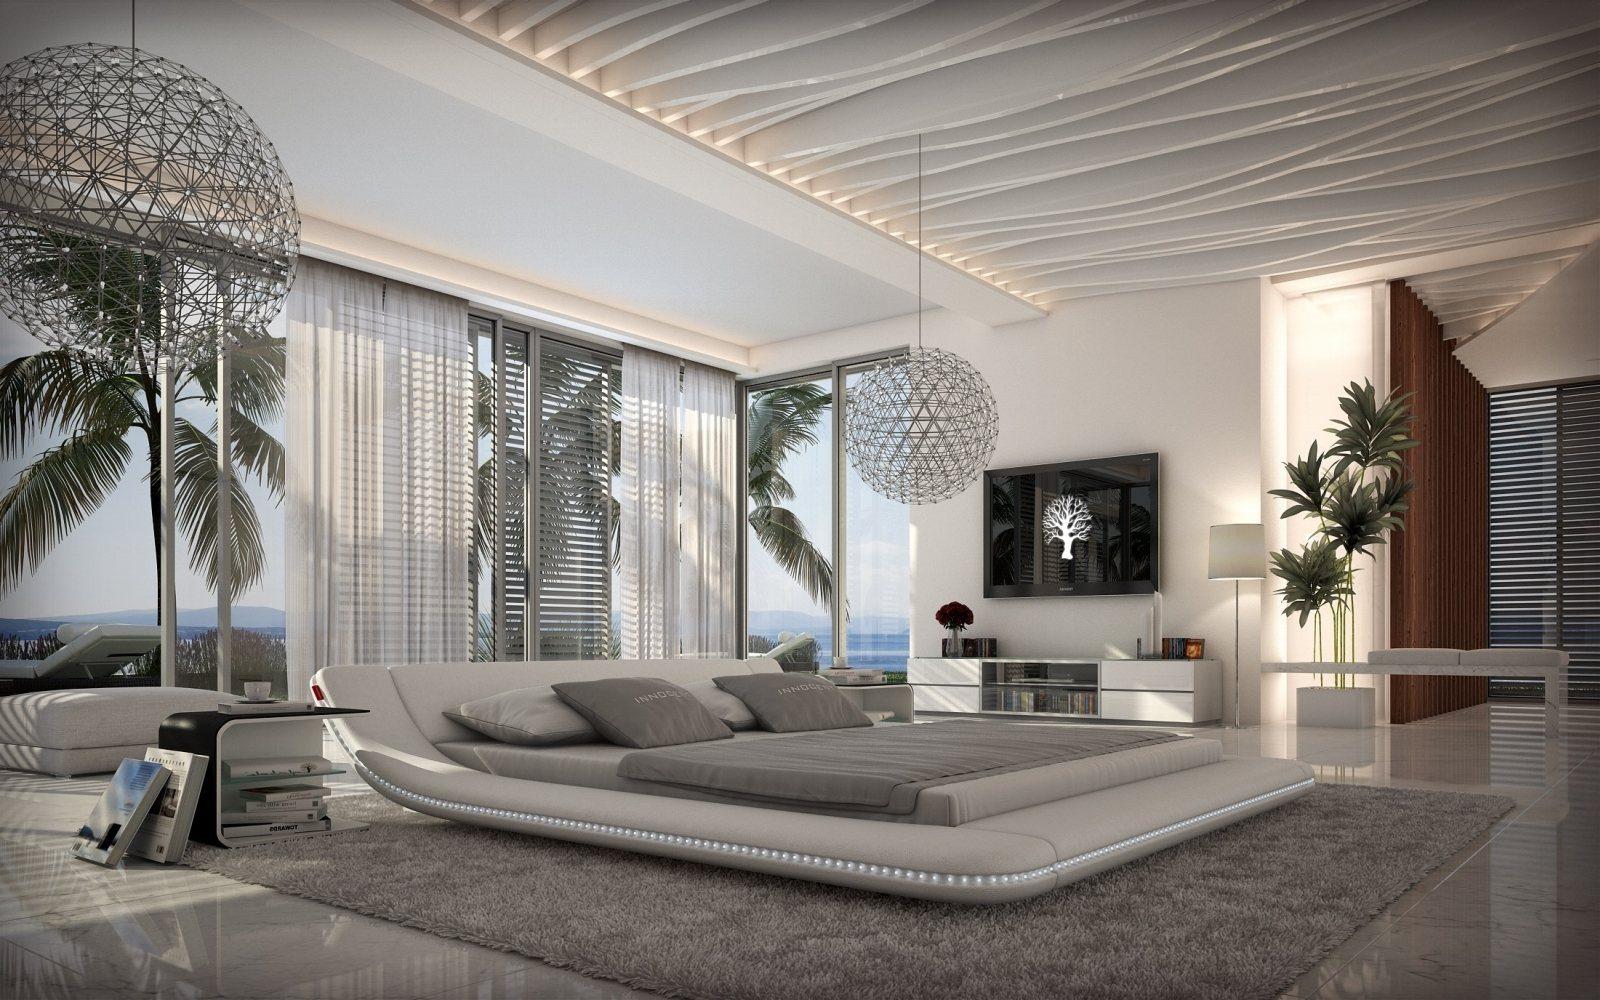 design polsterbett custo led designerbett mit led beleuchtung + +, Schlafzimmer